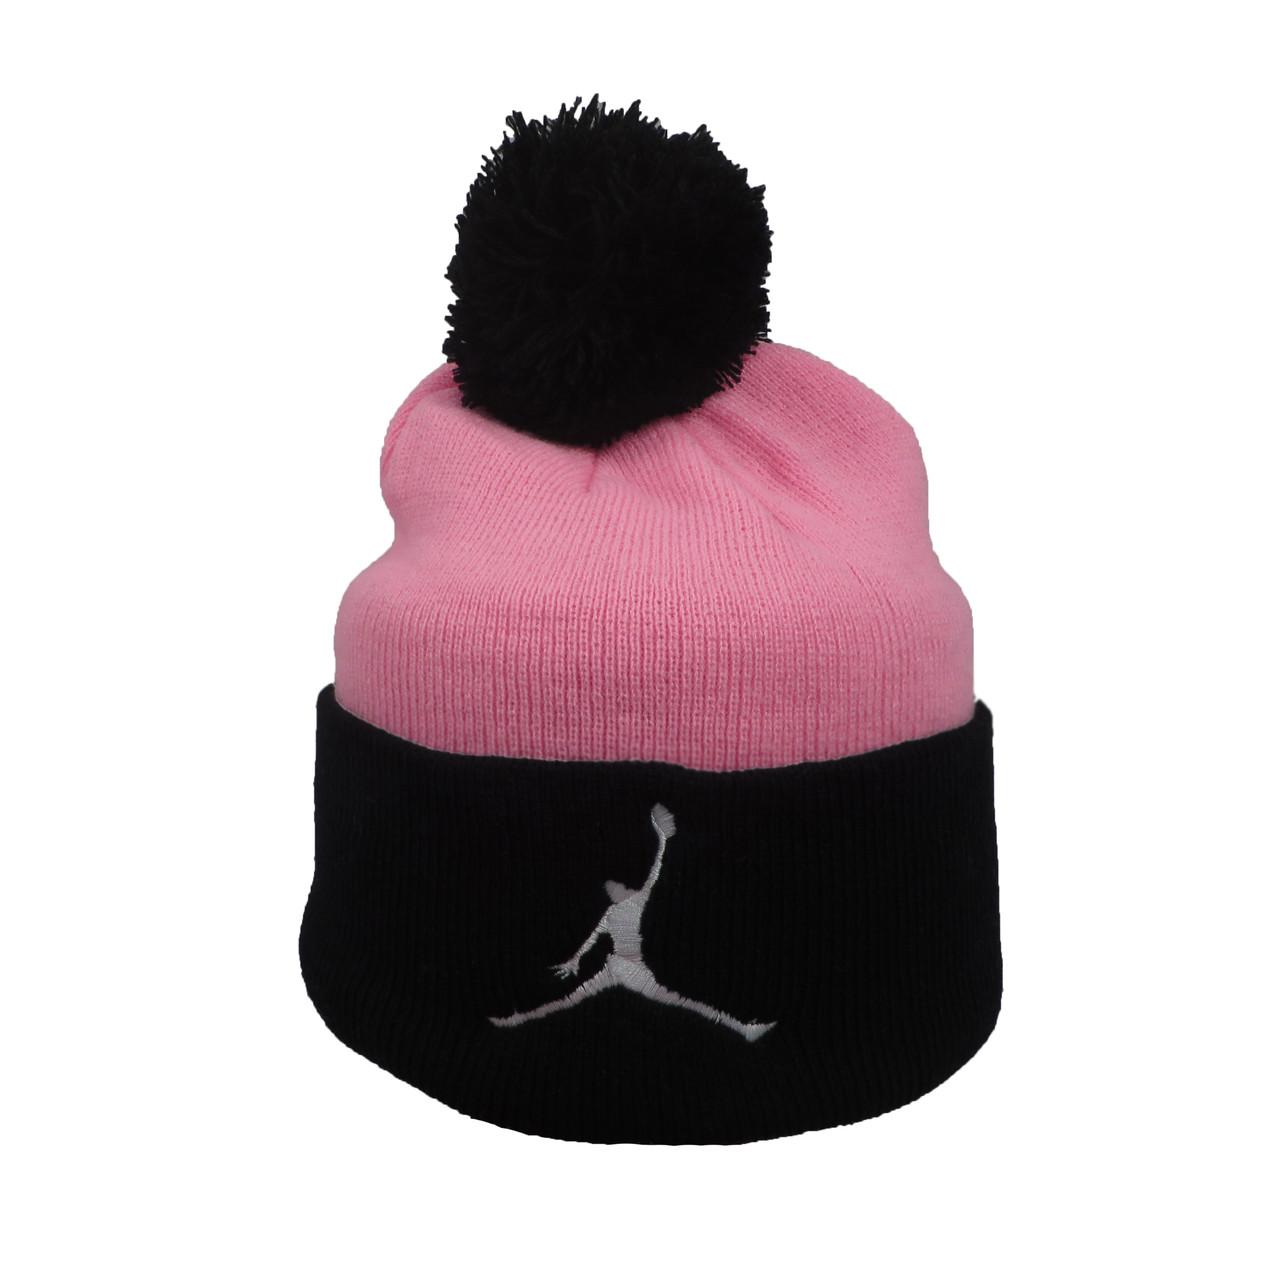 Розовая шапка Jordan с черным помпоном (реплика)